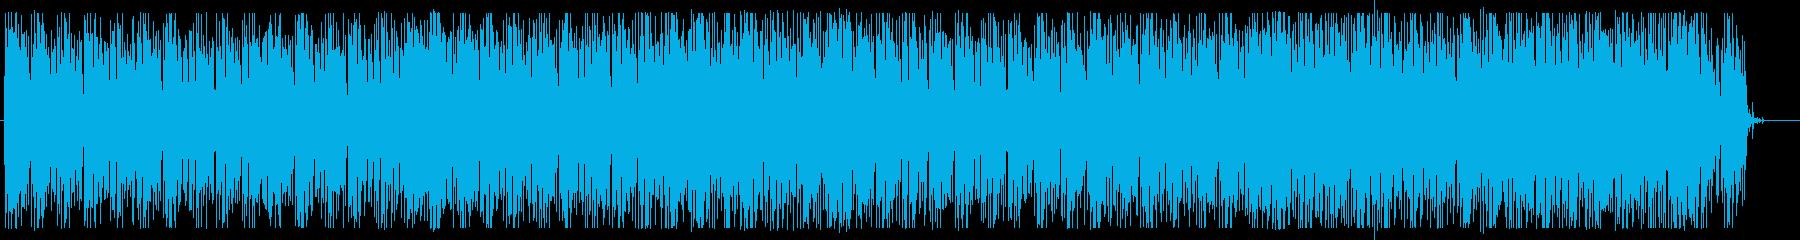 テクノロジー エレクトロ プレゼン 広告の再生済みの波形